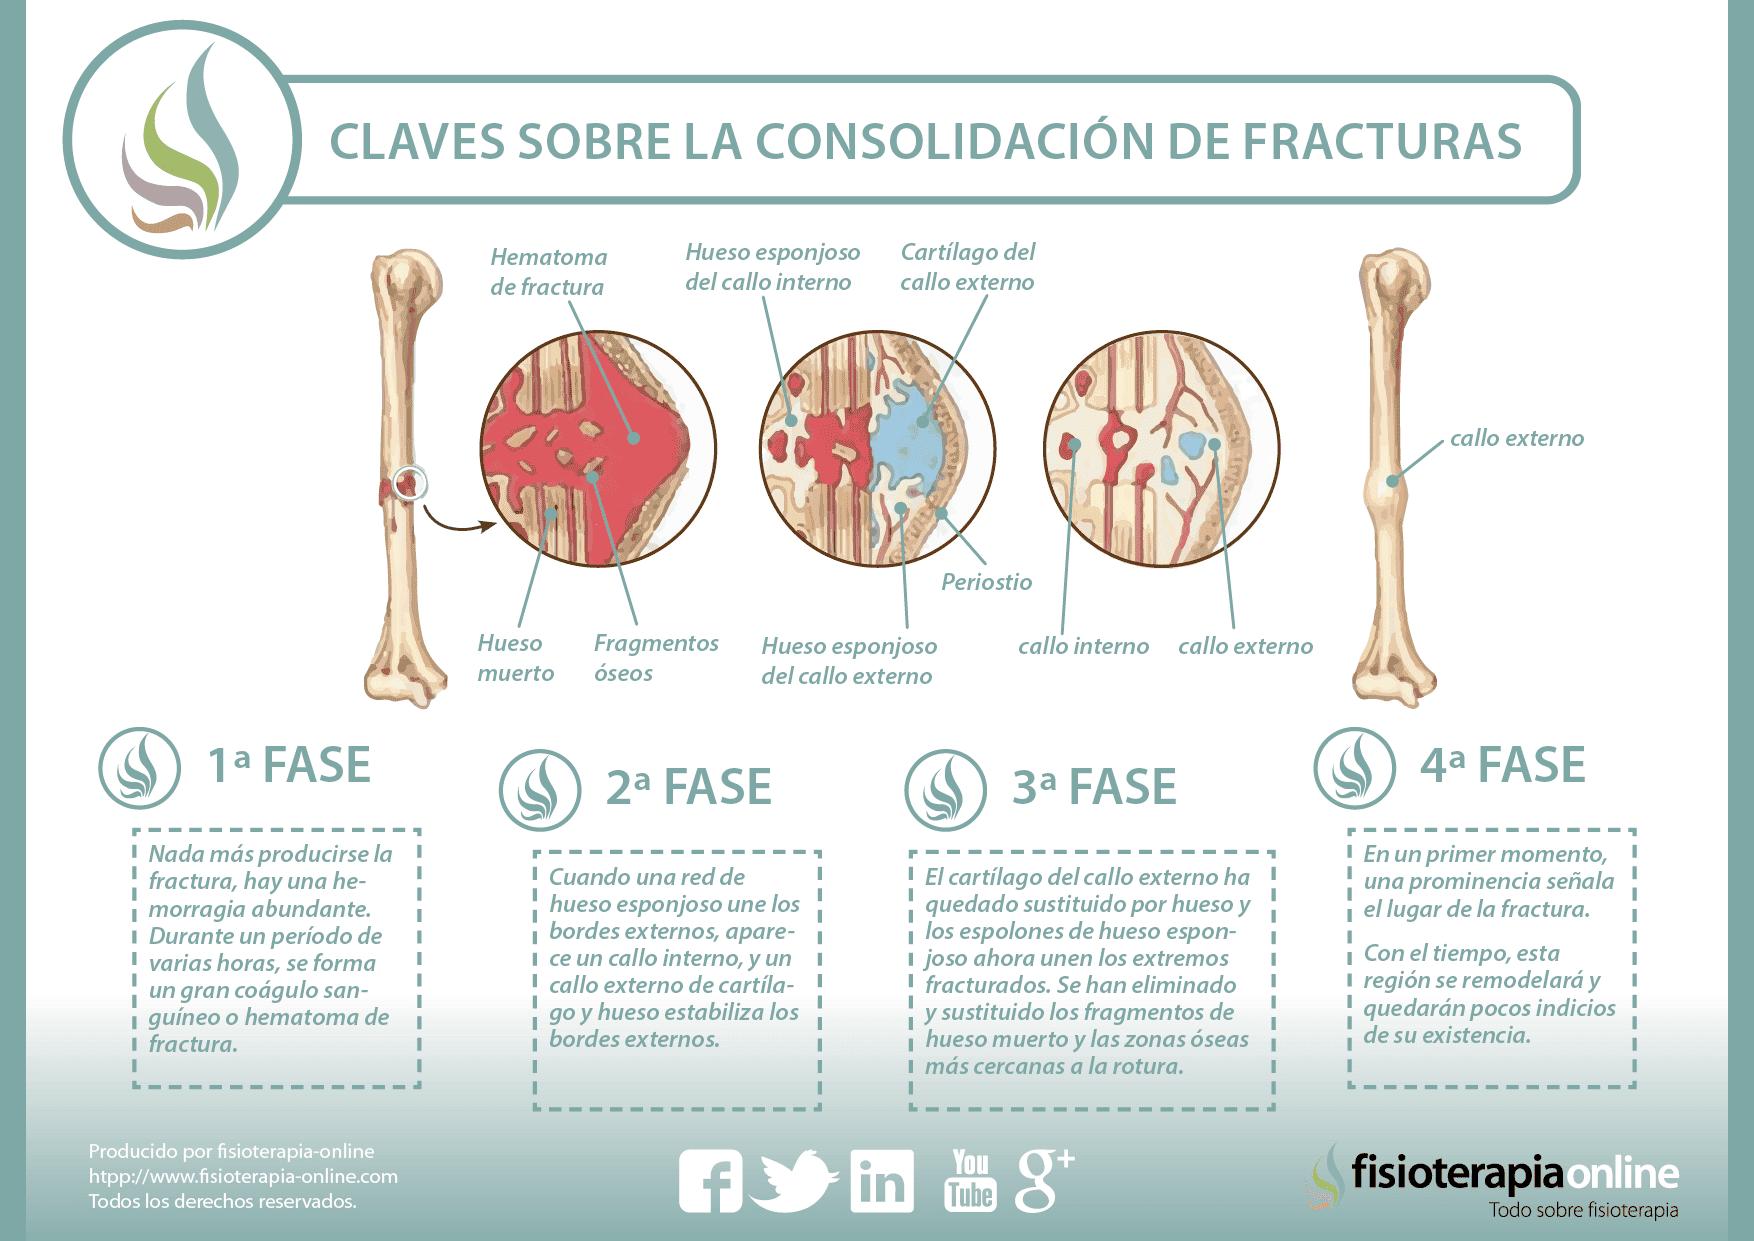 Lujo Golpe Un Arcade De Anatomía ósea Imagen - Anatomía de Las ...